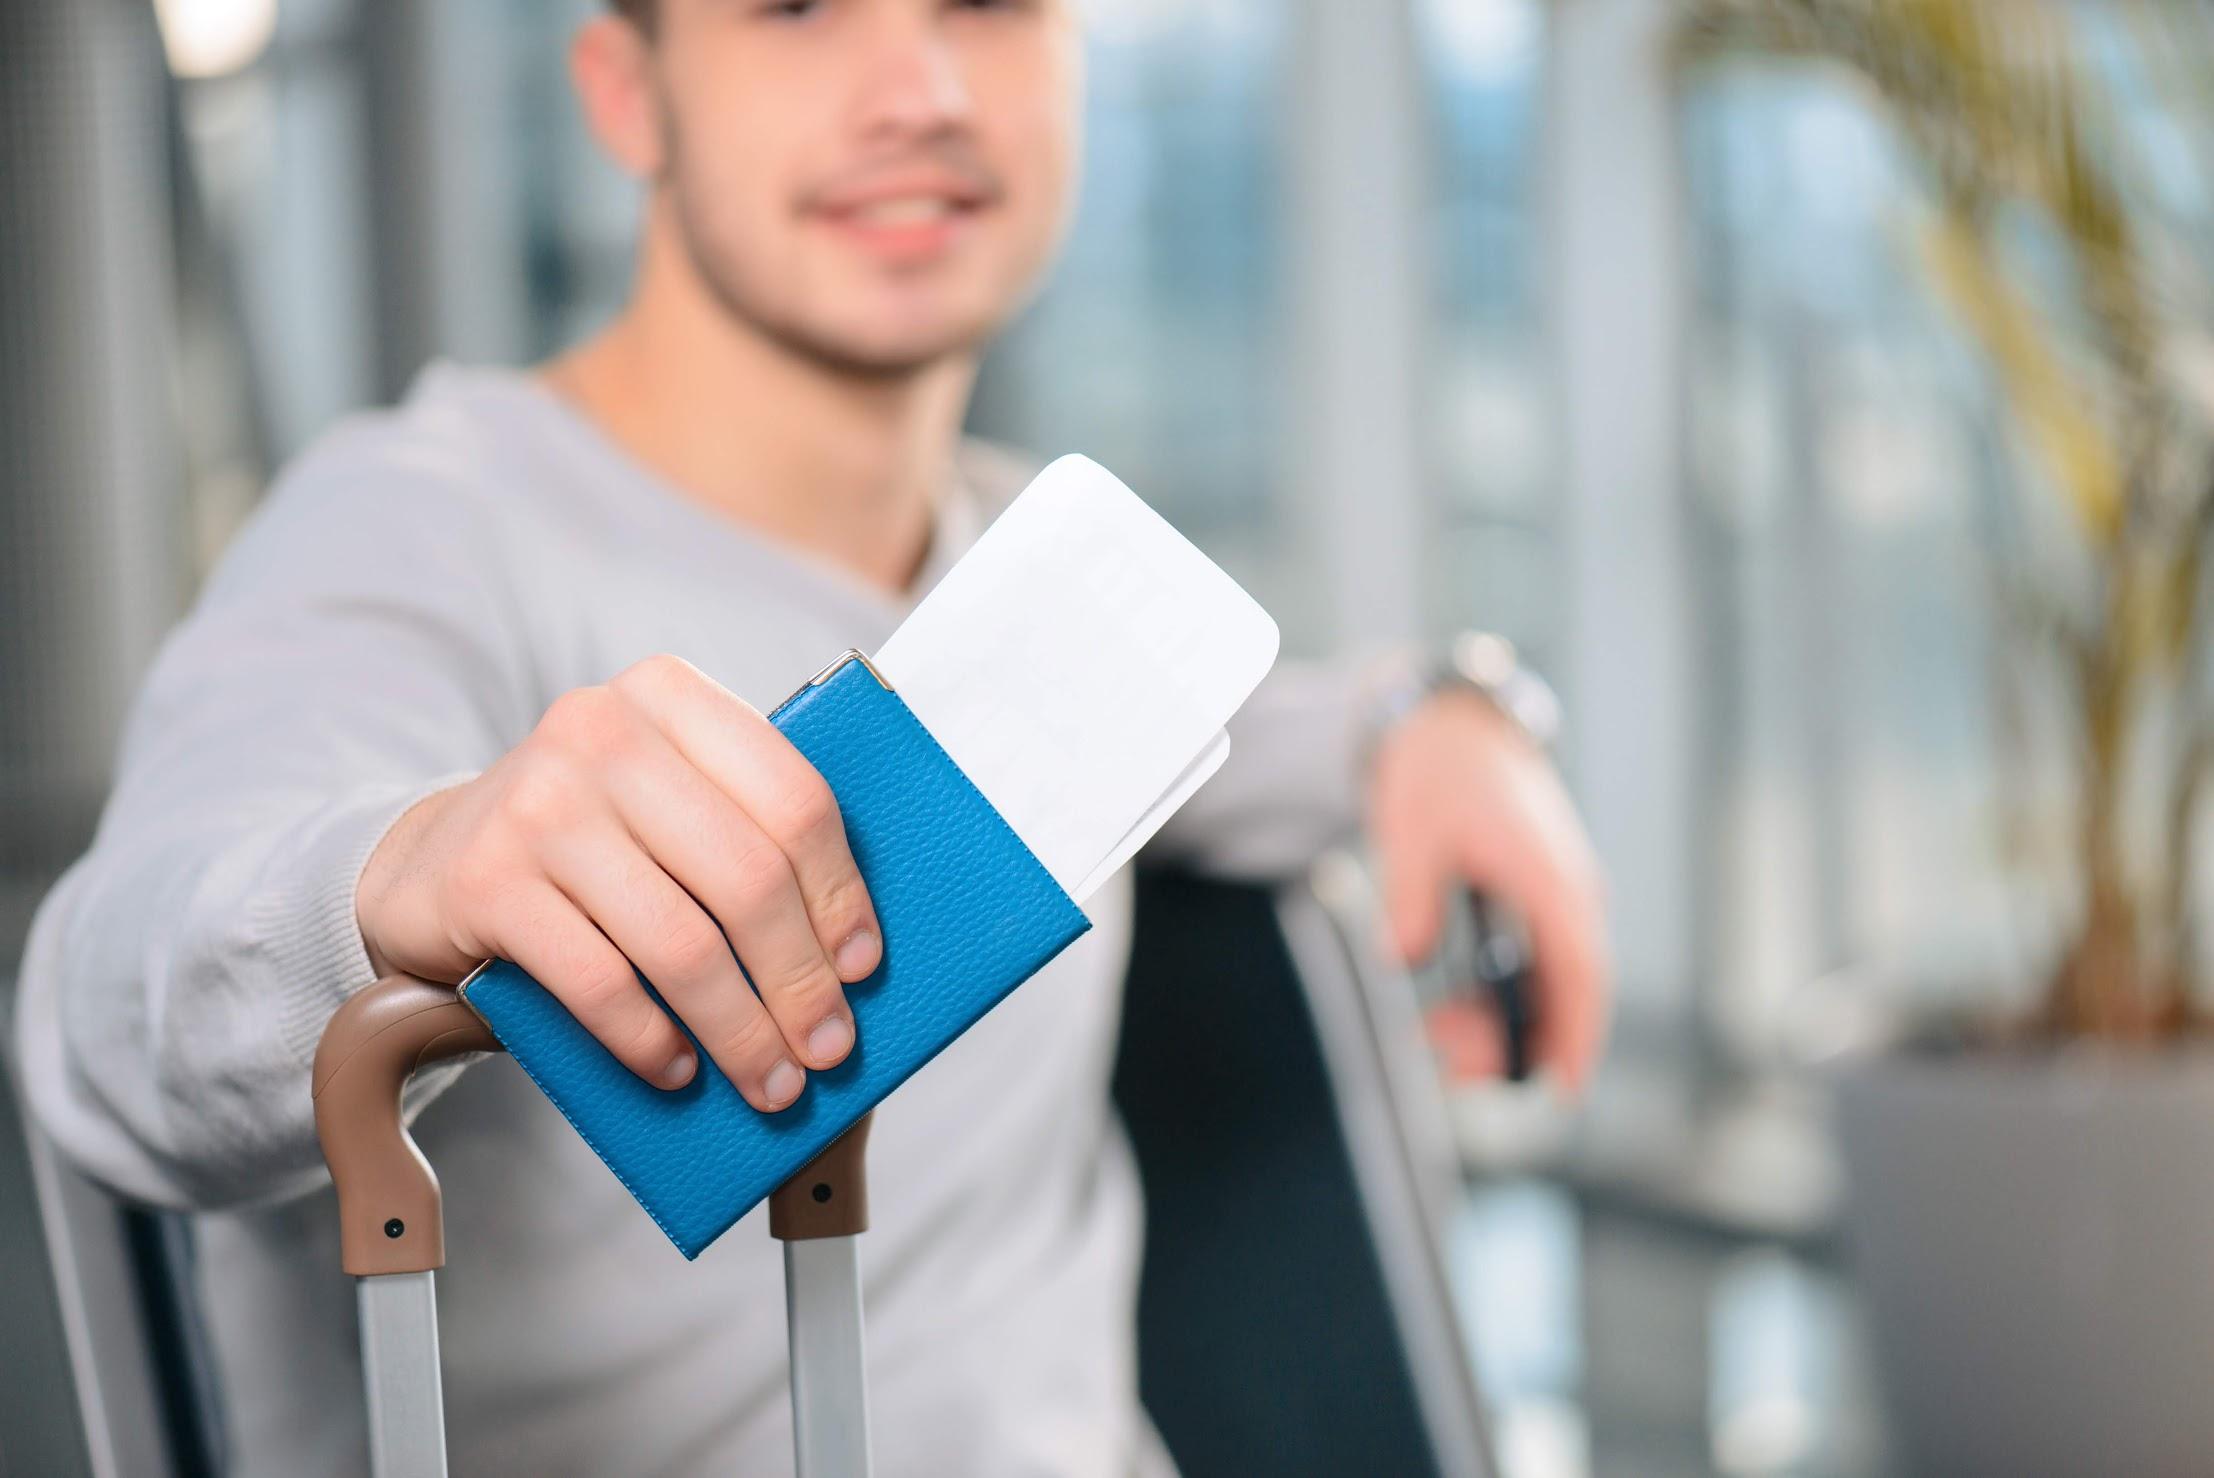 如何申請越南旅遊簽證 (30天單次、有效期30天、可停留30天) ?